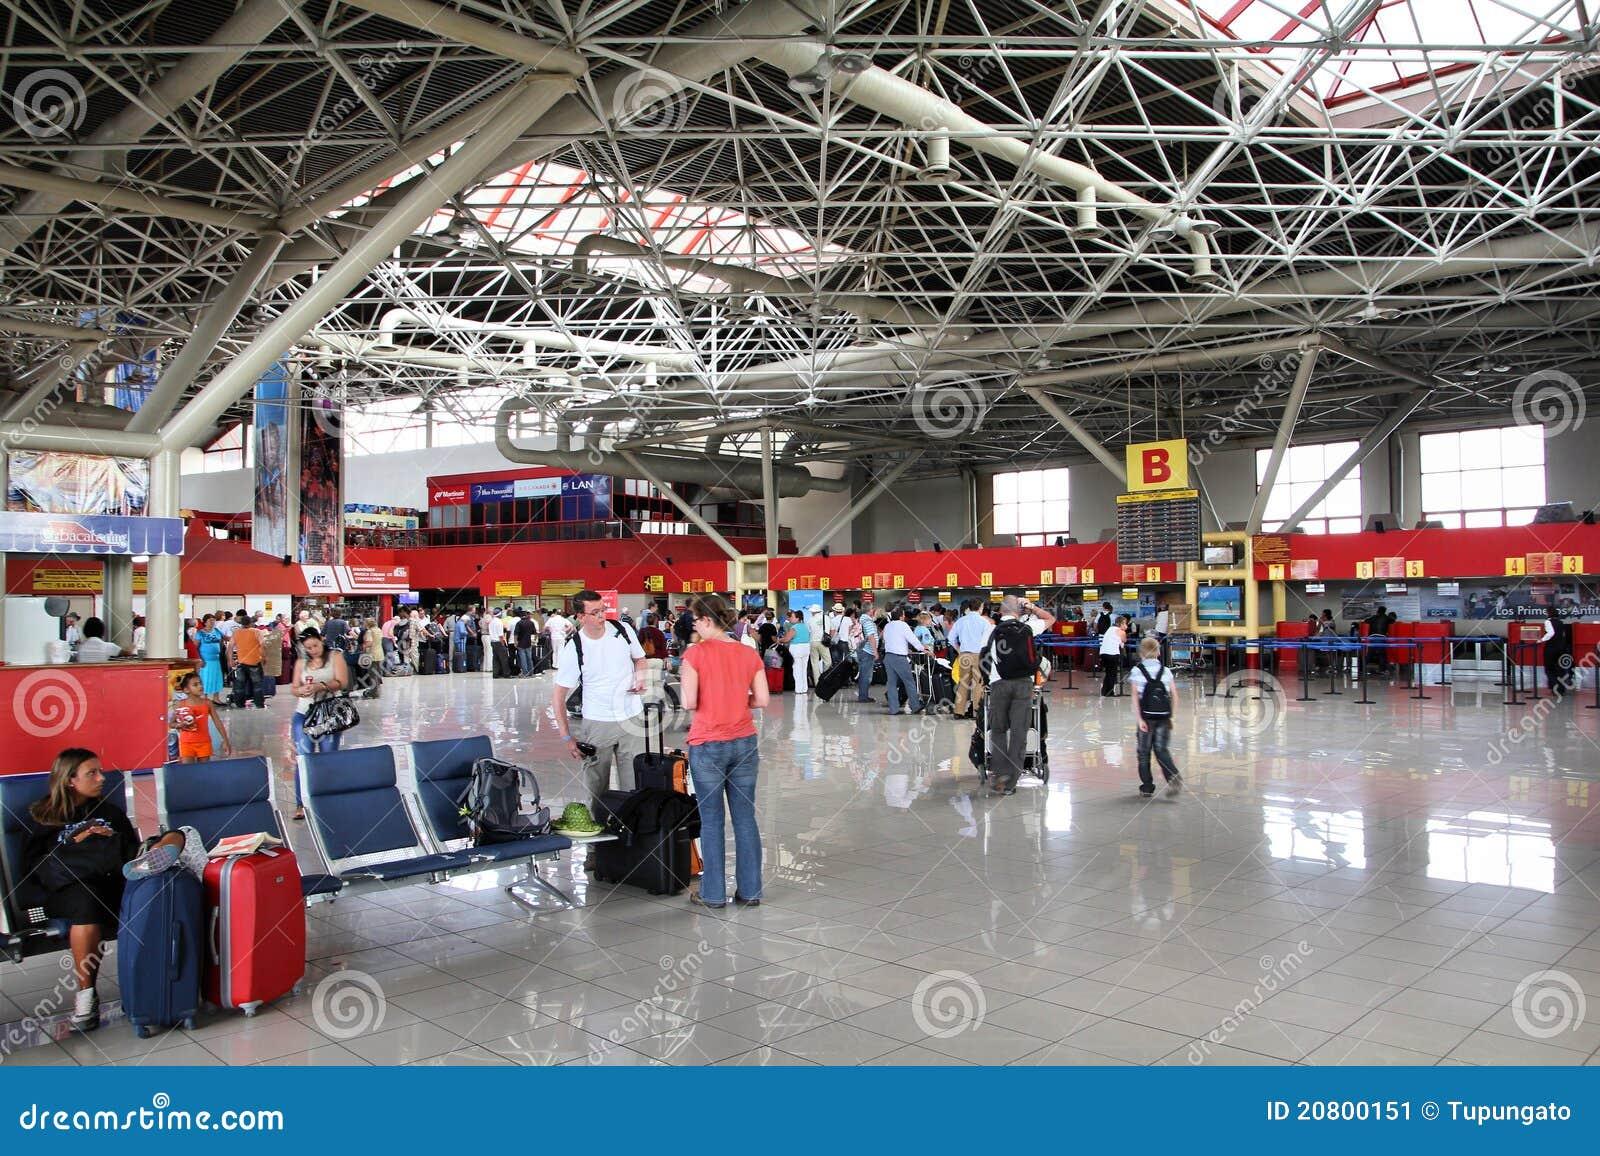 Aeroporto Havana : Aeroporto di avana fotografia editoriale immagine